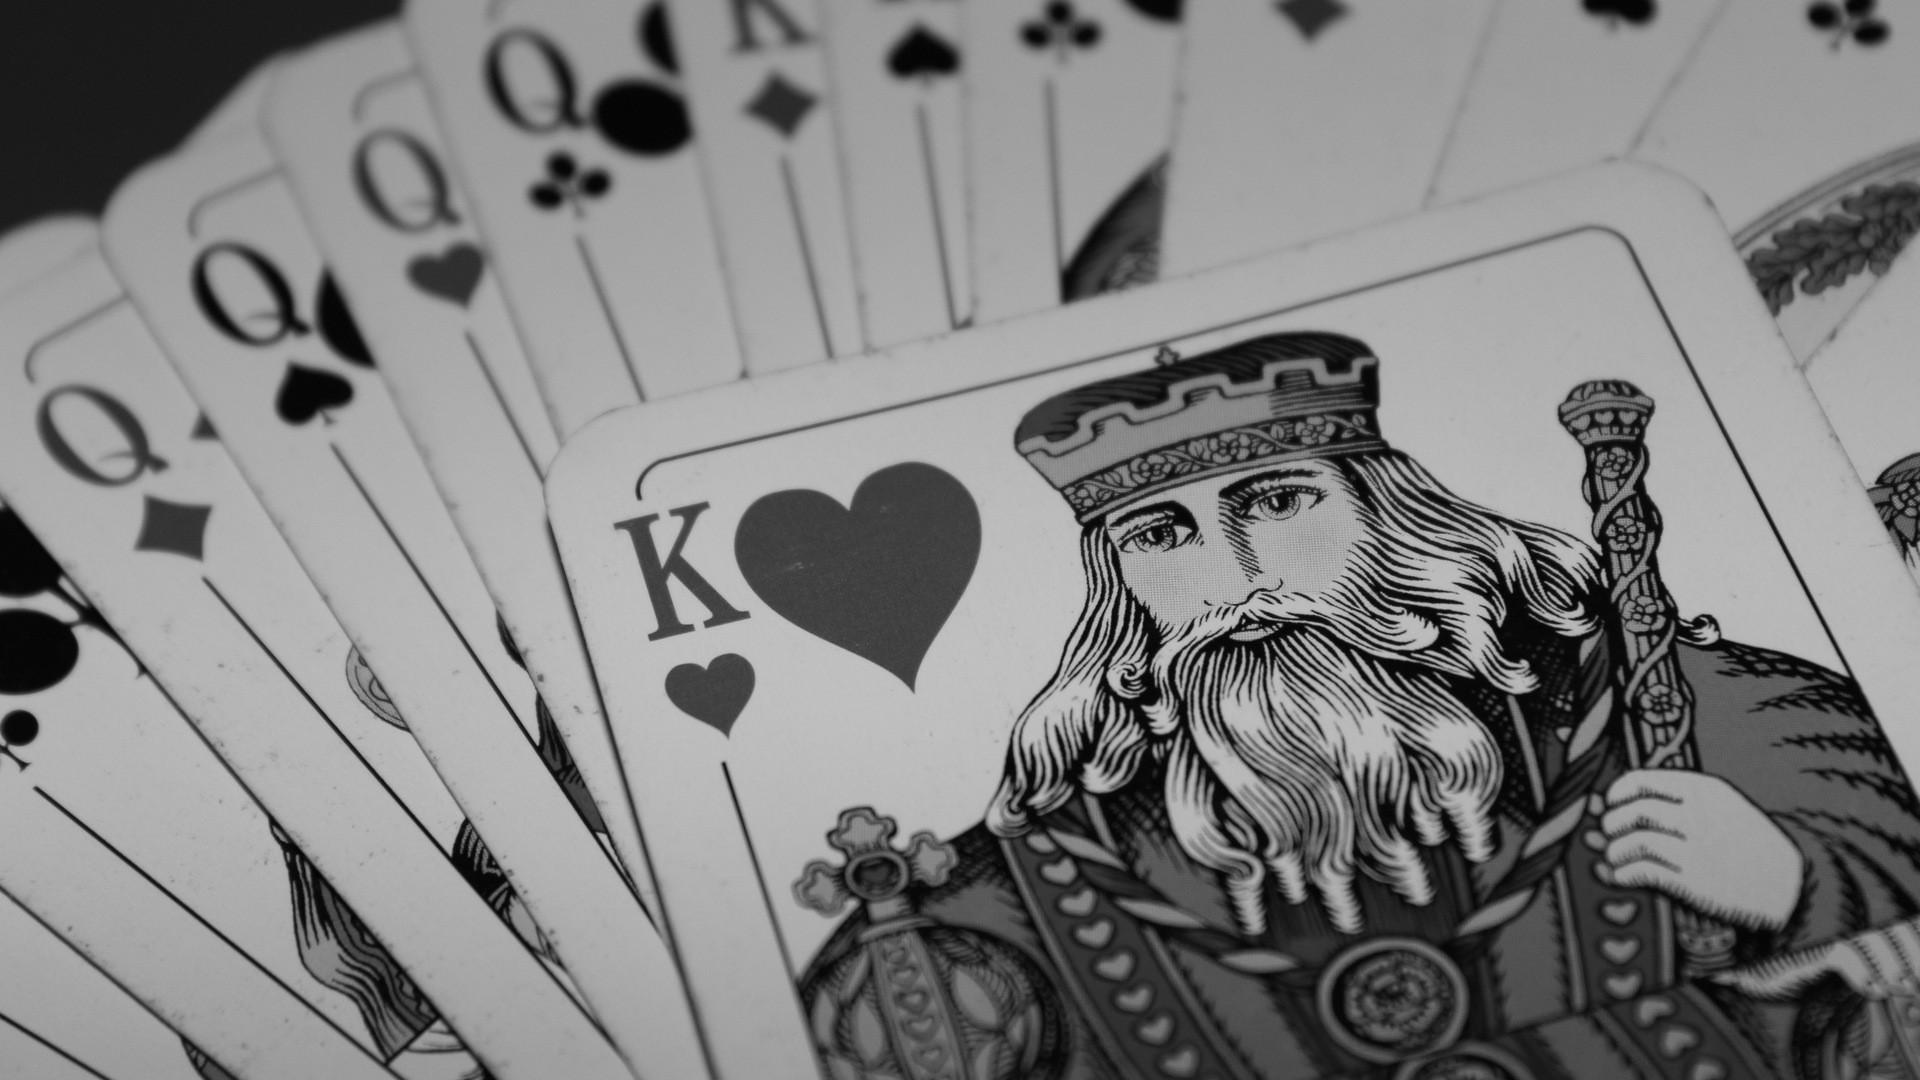 Awal Mula Munculnya Judi Online Poker